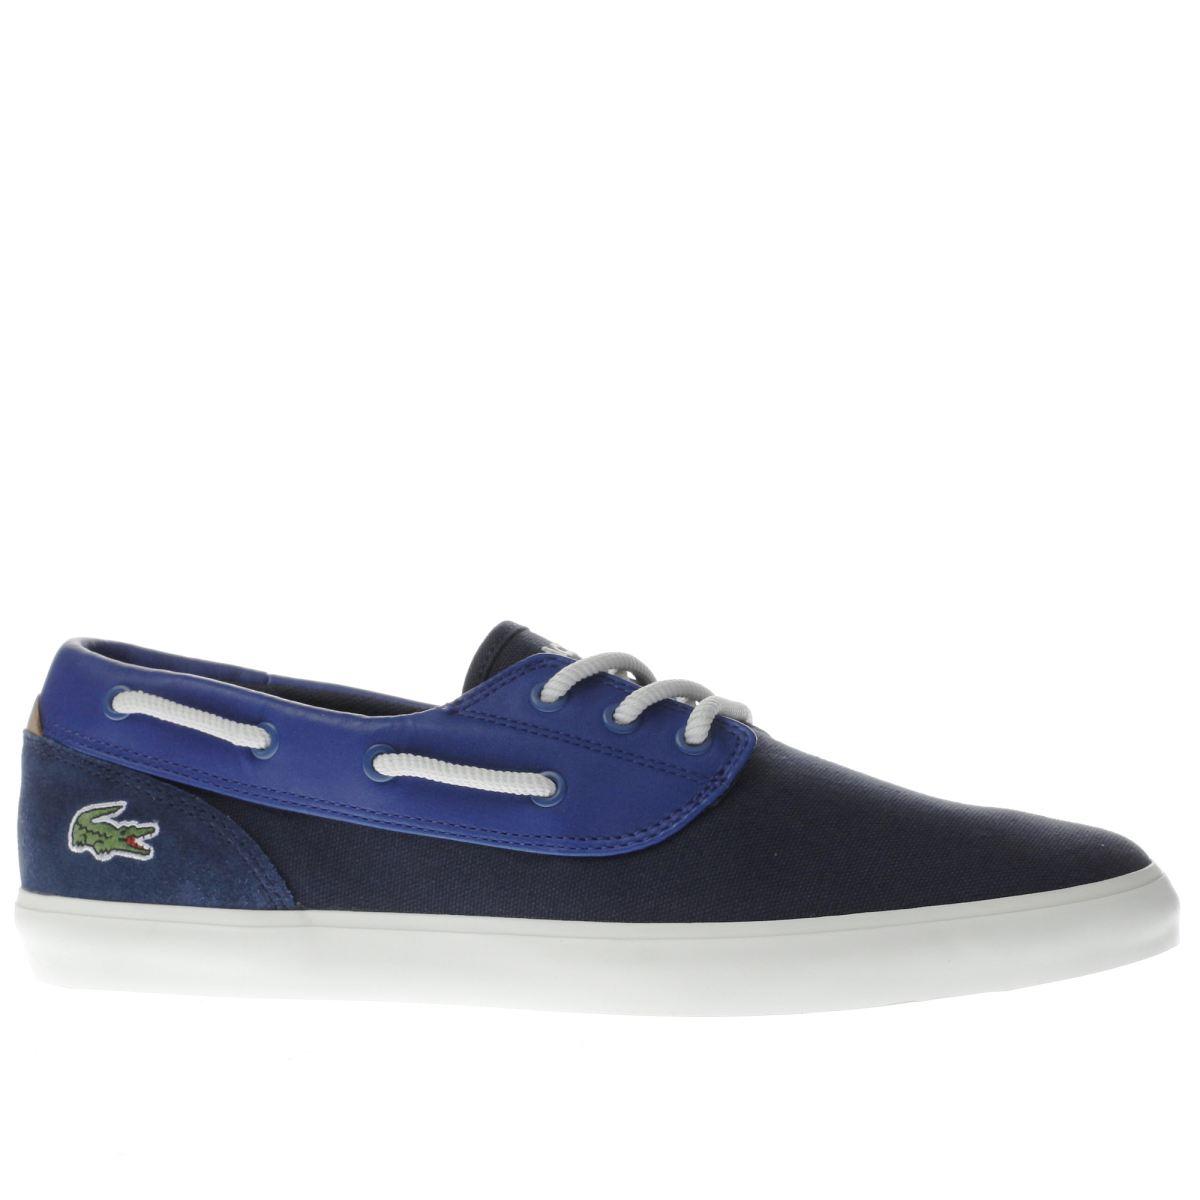 lacoste navy jouer deck shoes